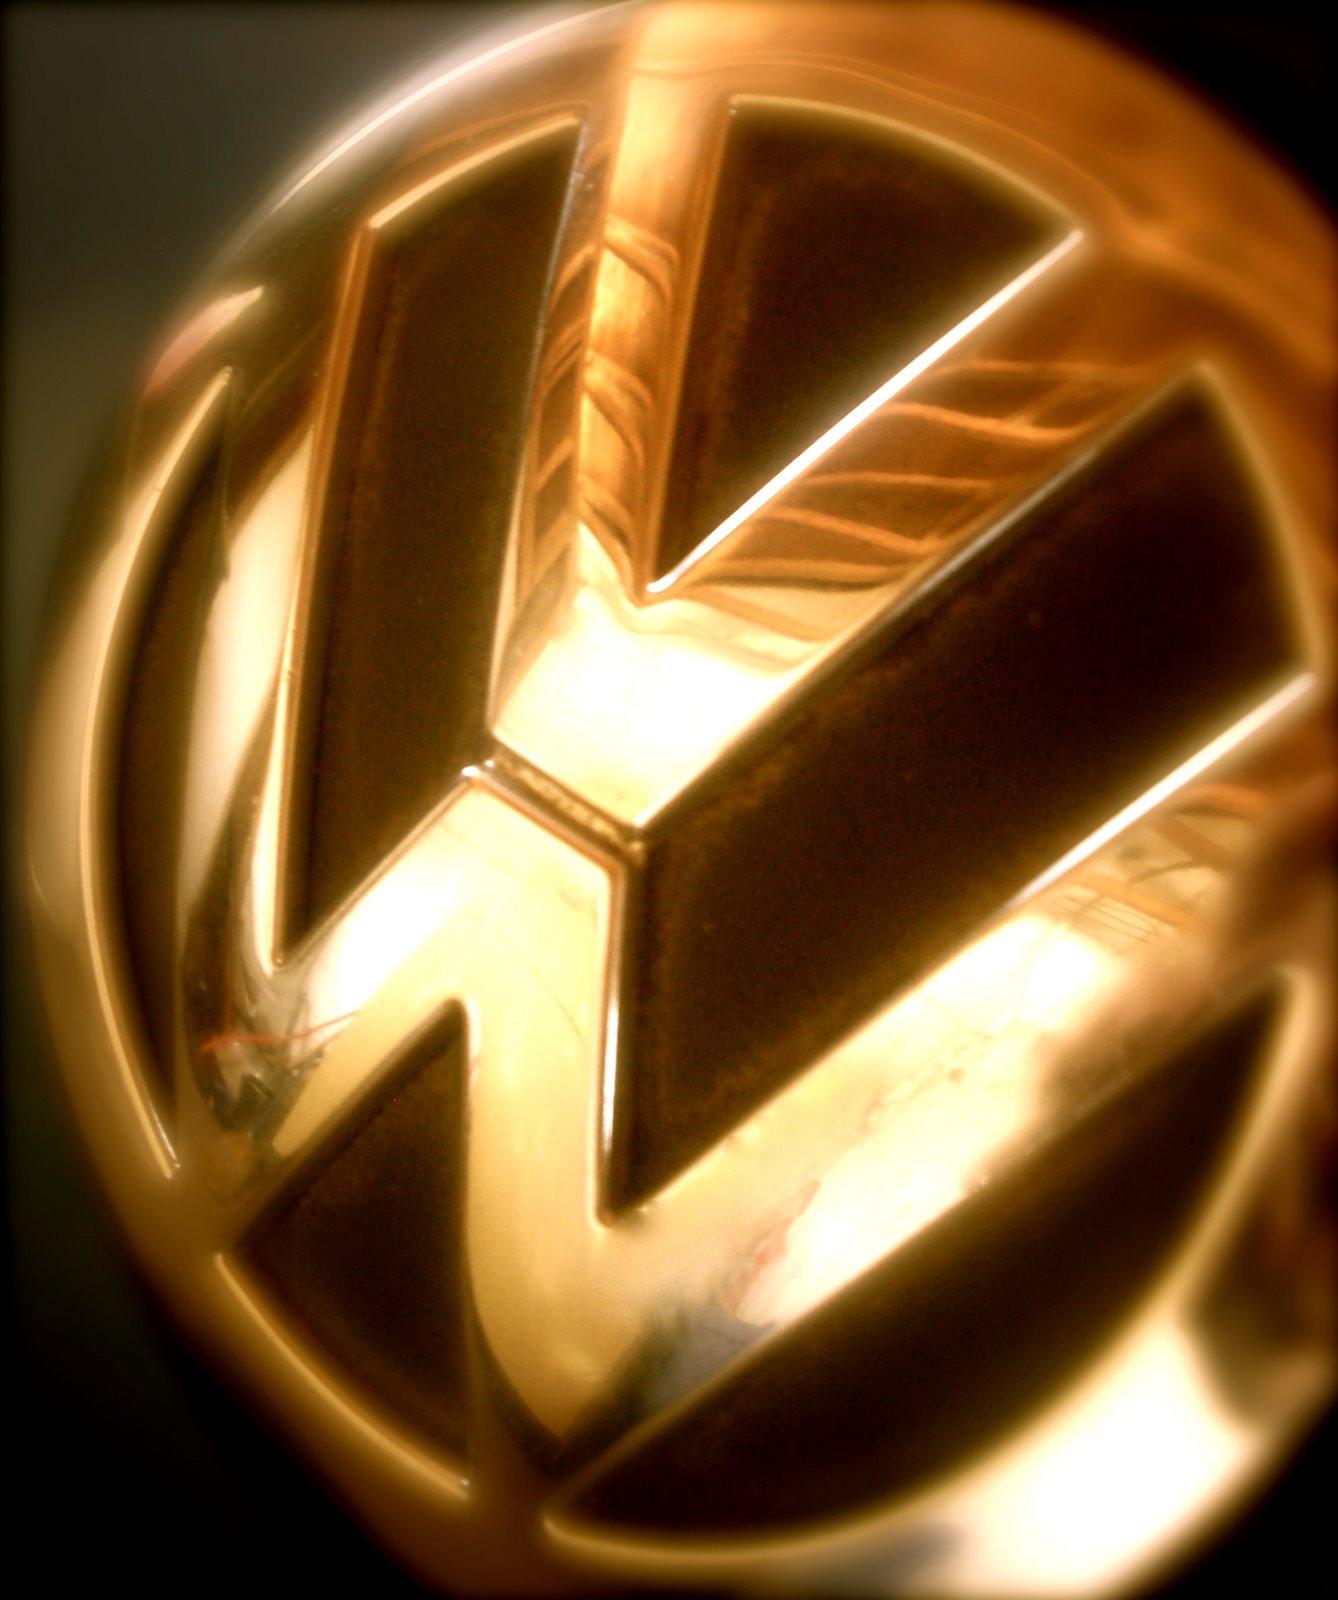 Yellow Color Wallpaper Vw Das Auto Volkswagen Logo Image Volkswagen